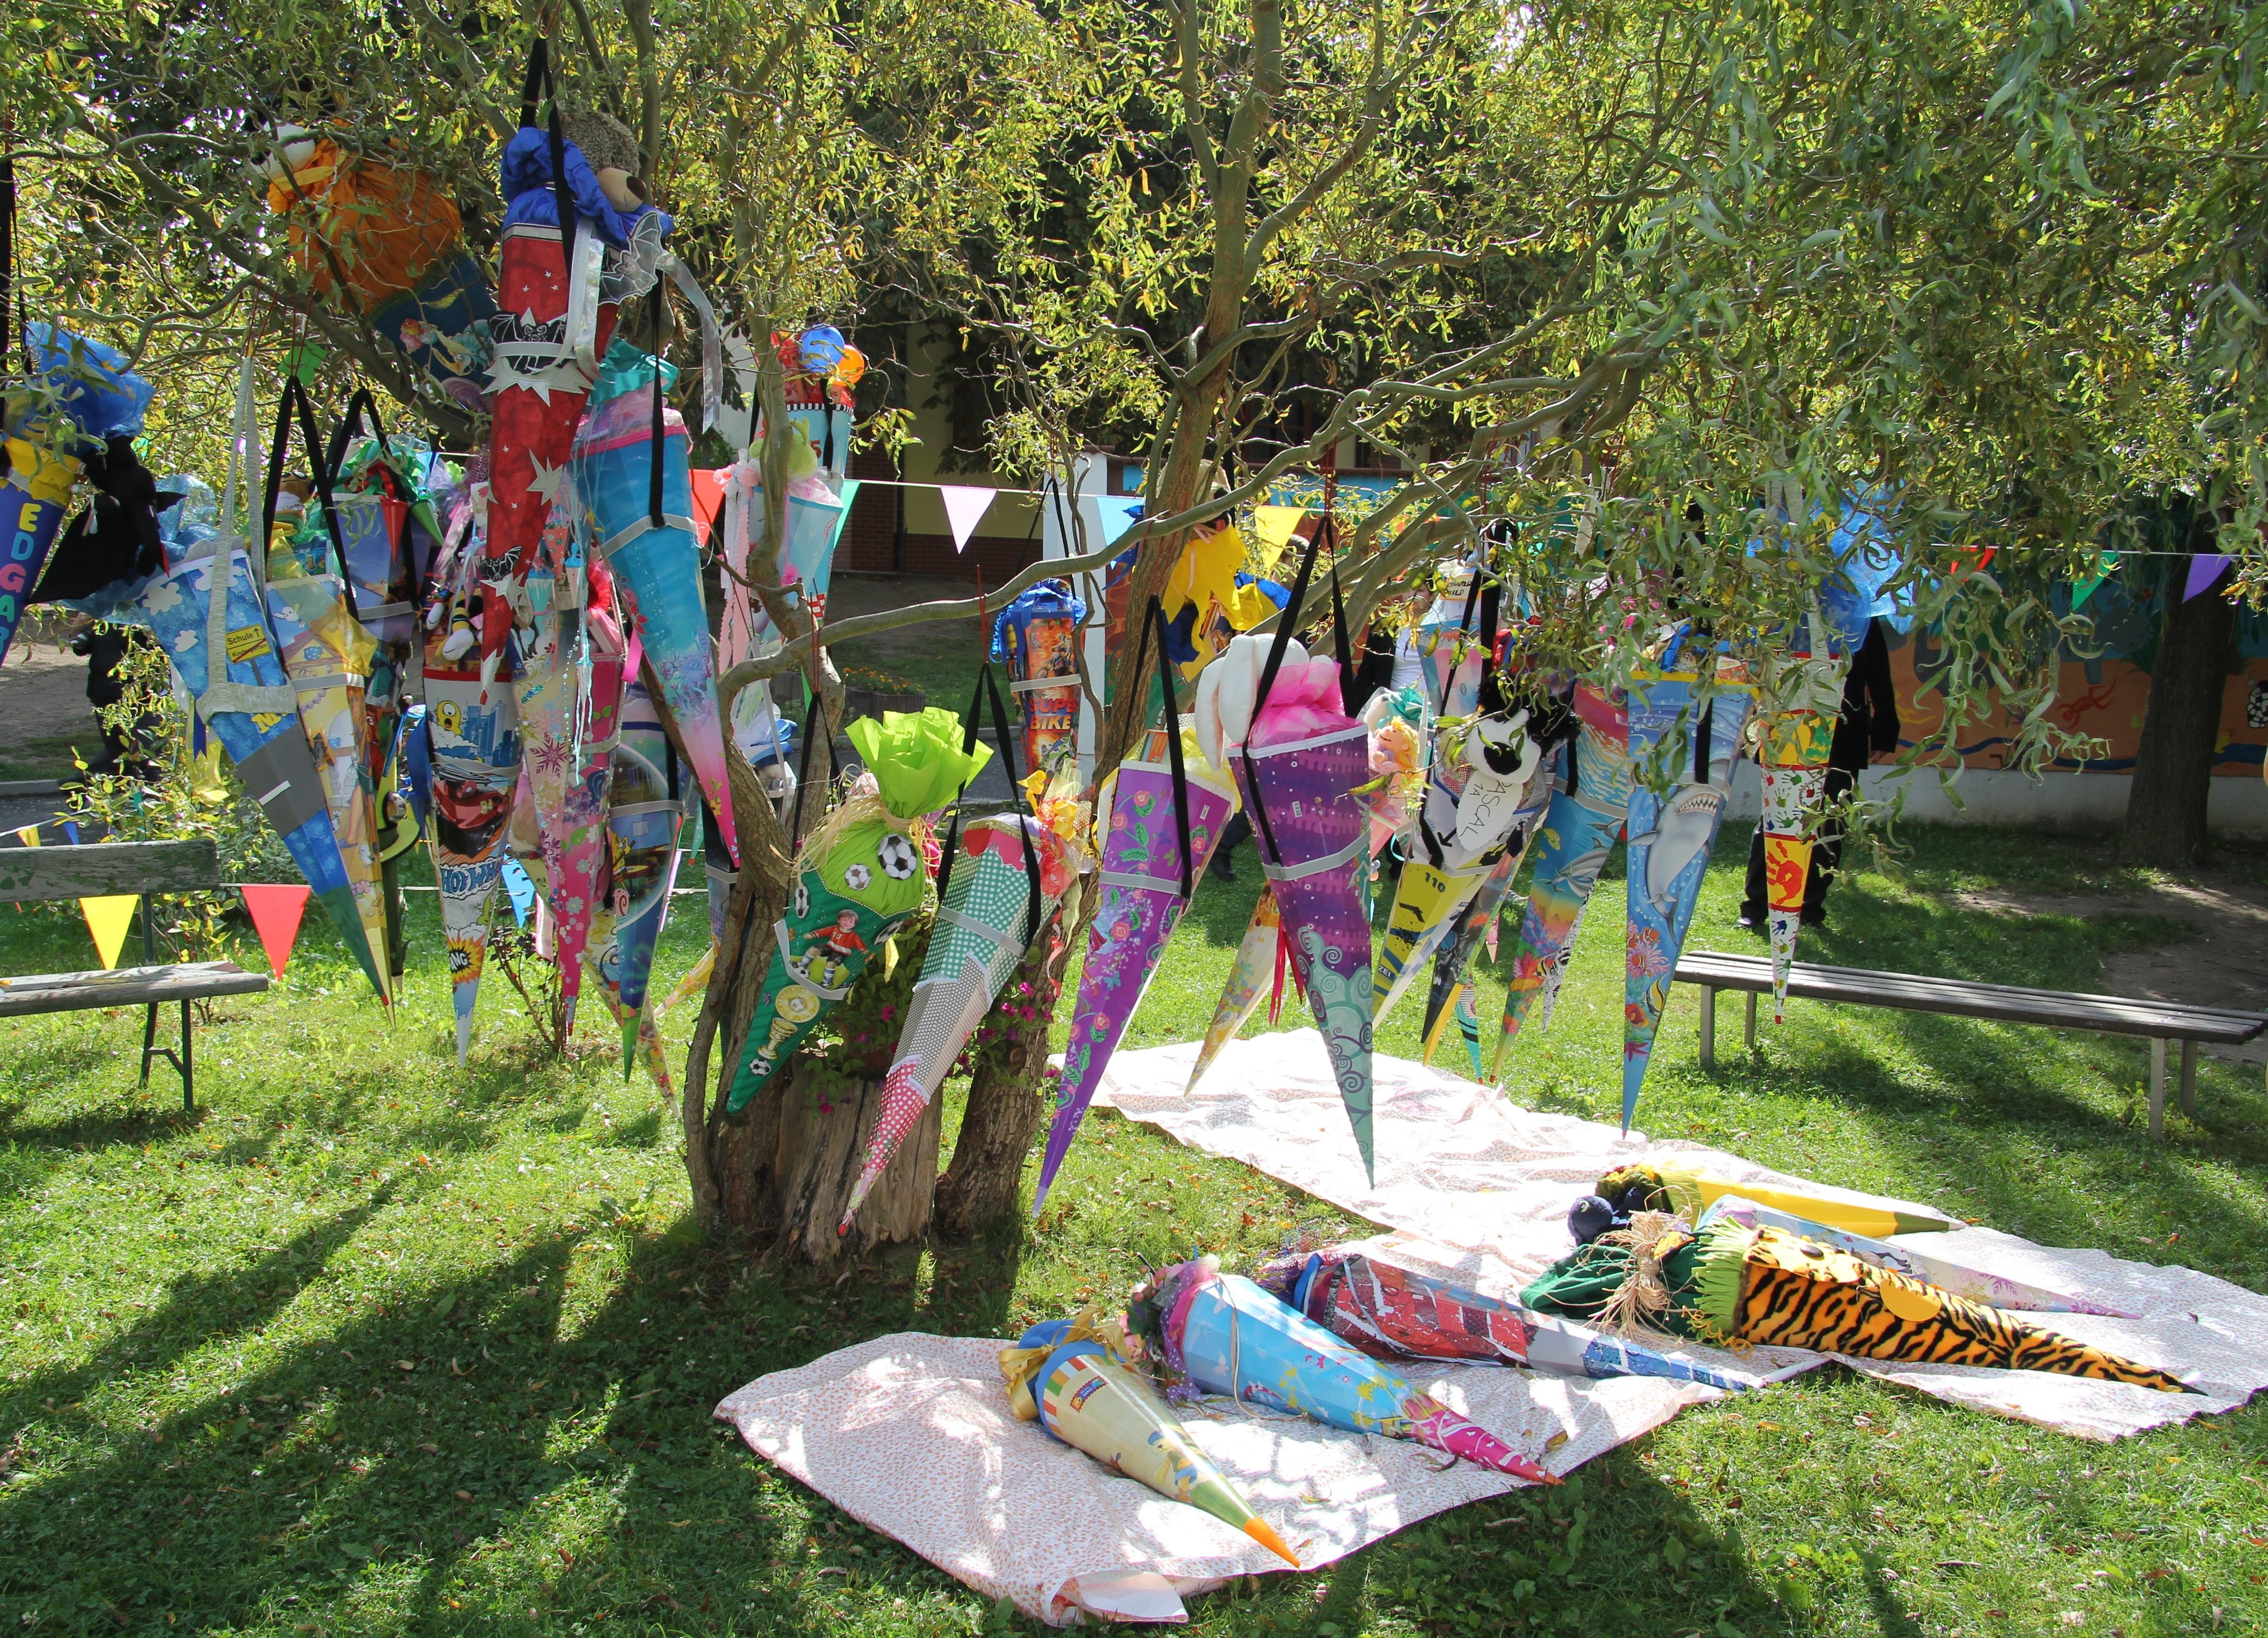 Free Images City Celebration Decoration Park